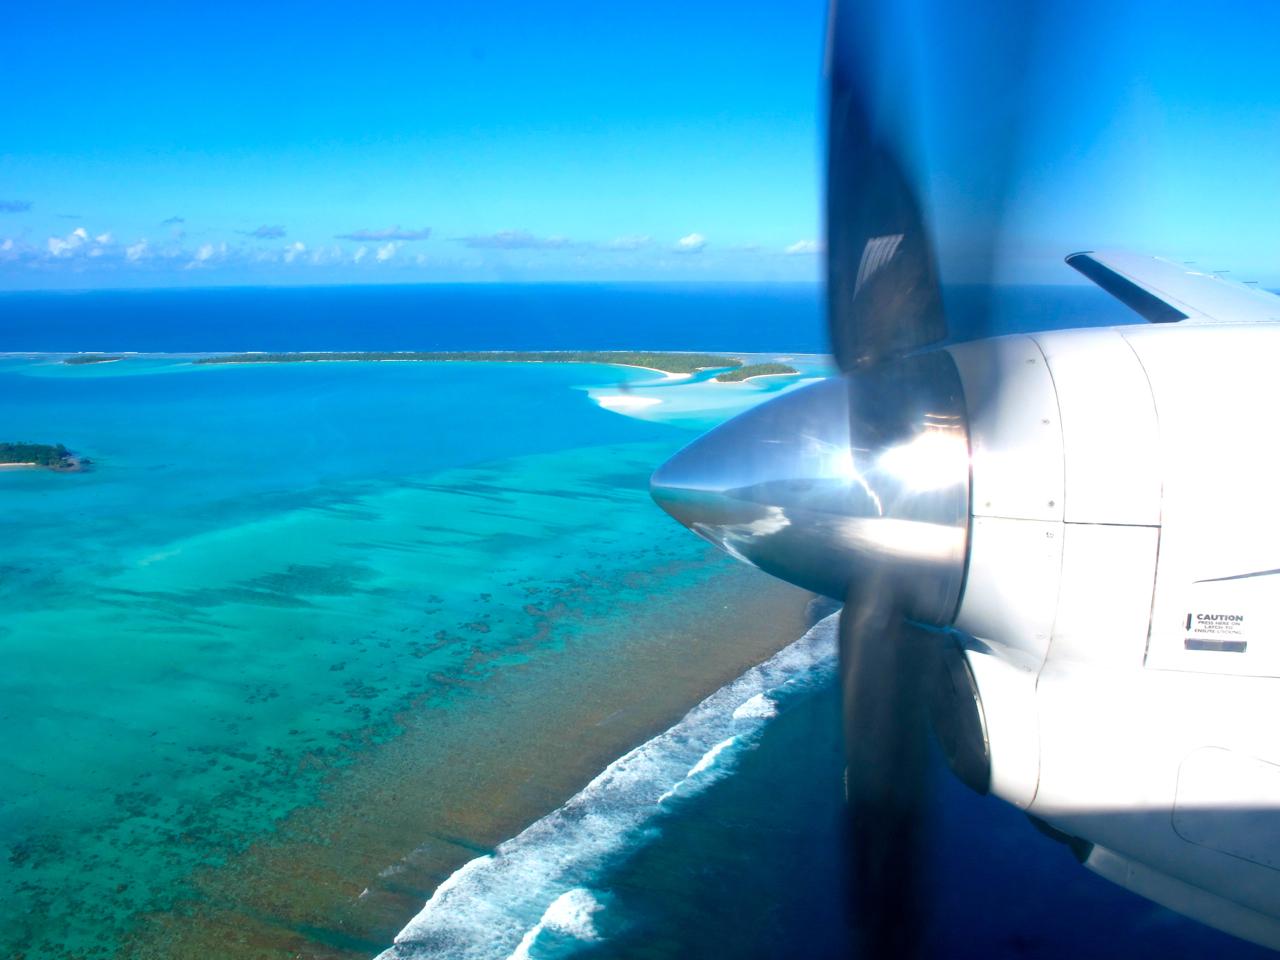 Aitutaki aerial photograph